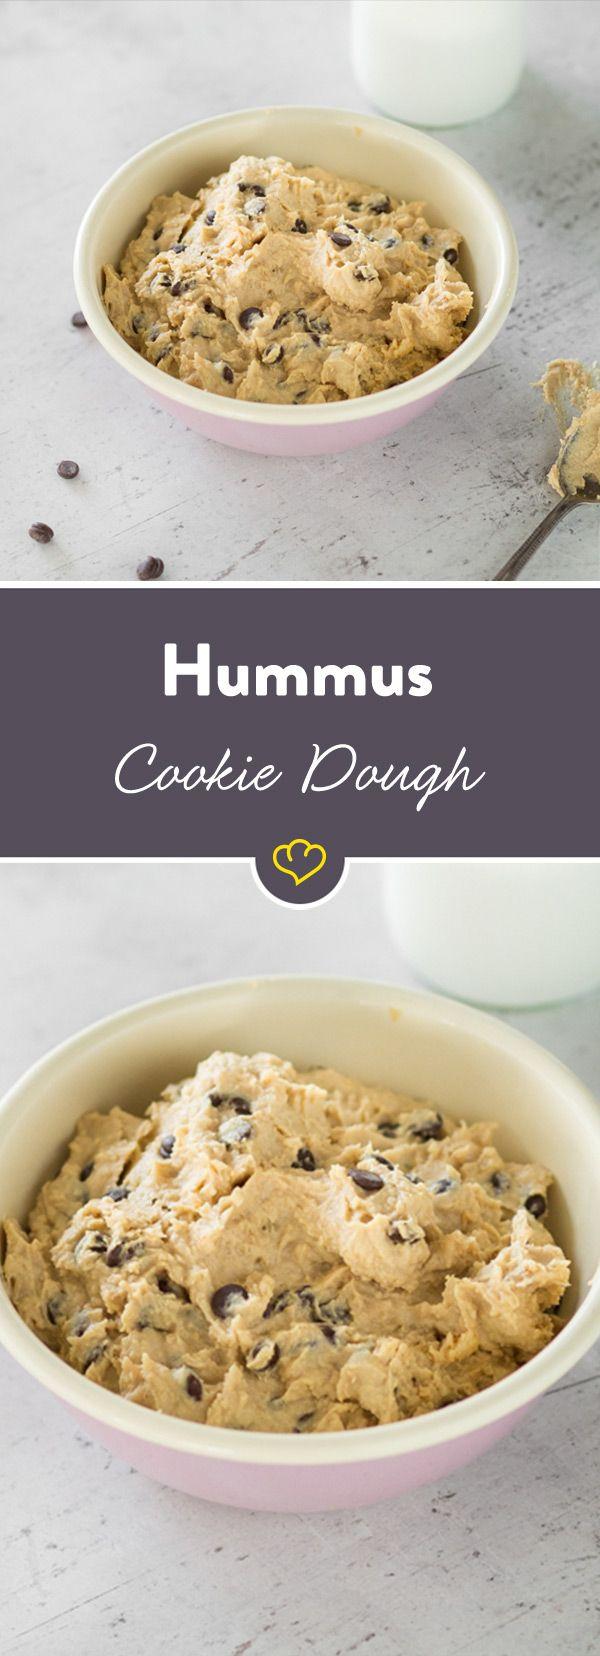 Süßer Hummus? Ob das schmeckt? Und wie! Wer früher als Kind schon gerne Teig genascht hat, der wird mit diesem Hummus-Rezept seine Freude haben.